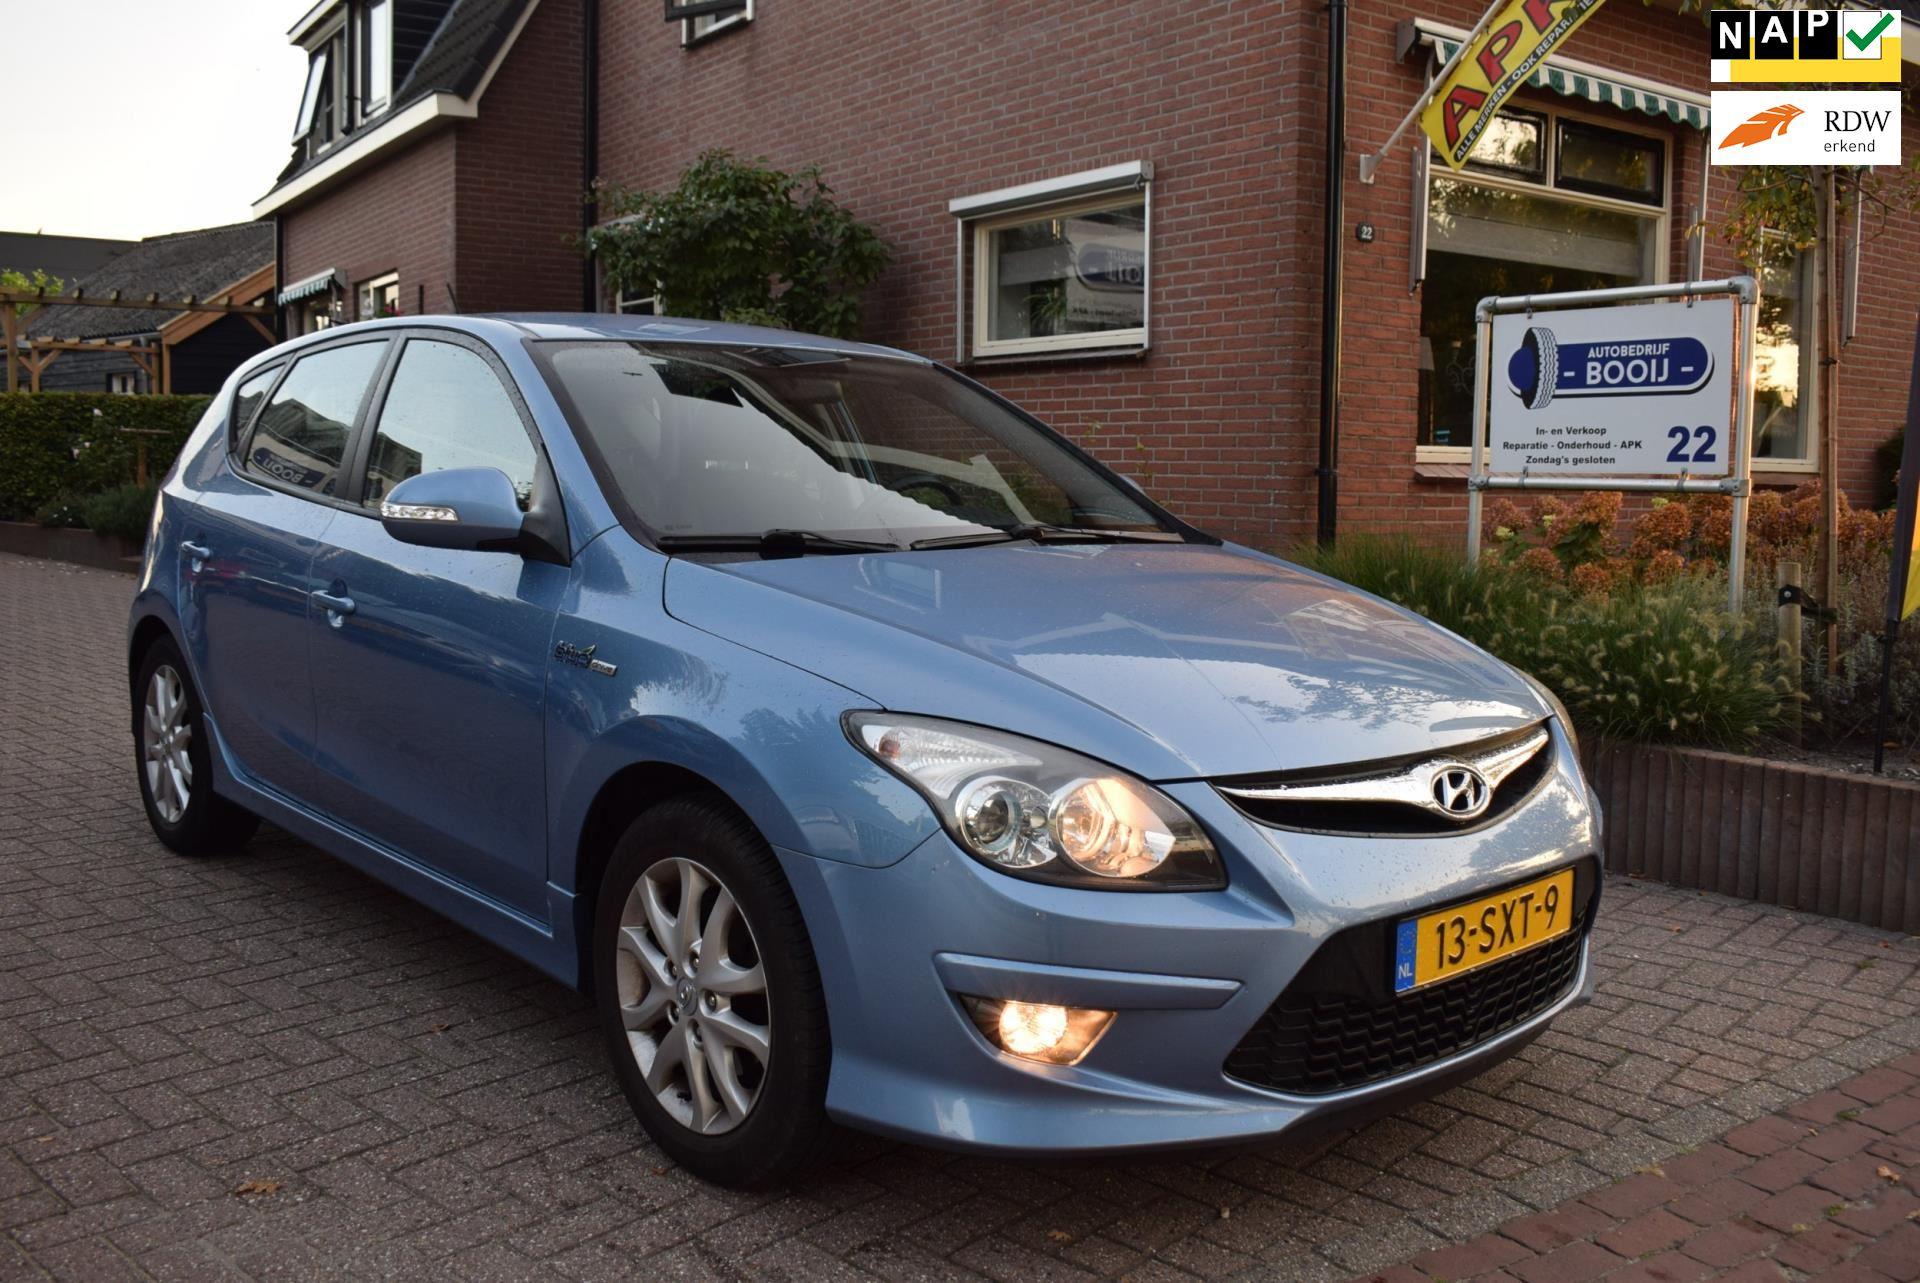 Hyundai I30 occasion - Autobedrijf Booij